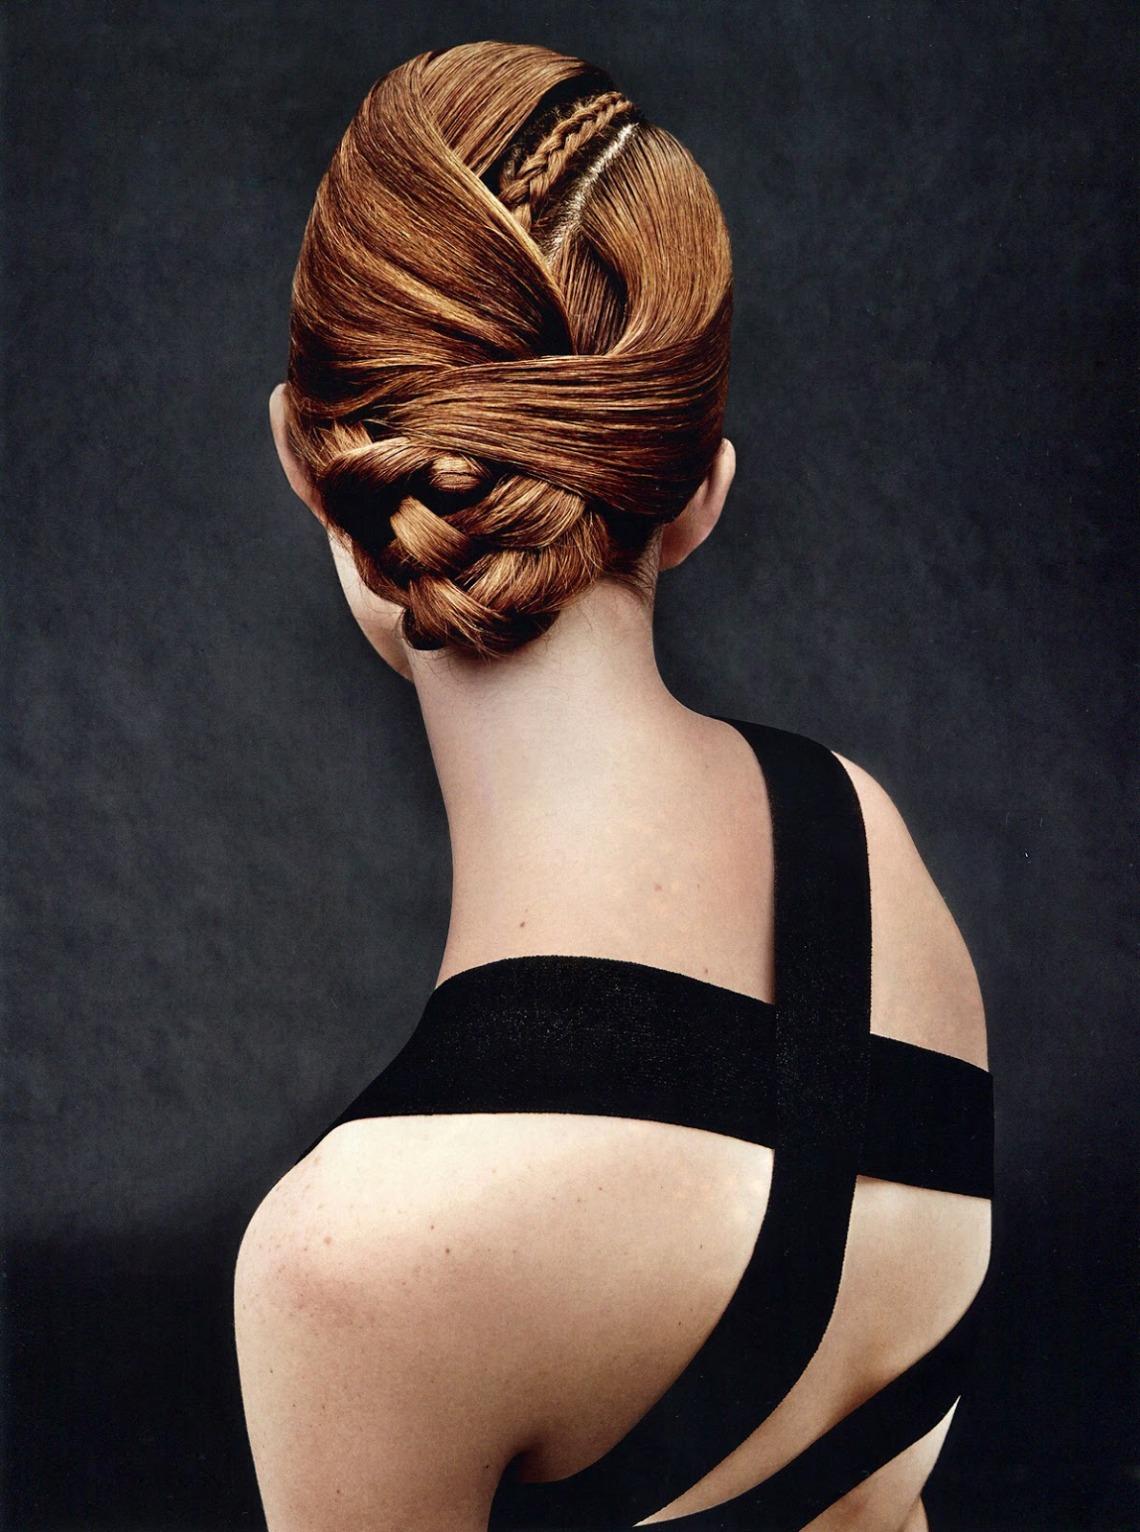 iiiinspired _ tfs _ Vogue Russia September 2014 HQs Photographer- Jason Kibbler _ img582